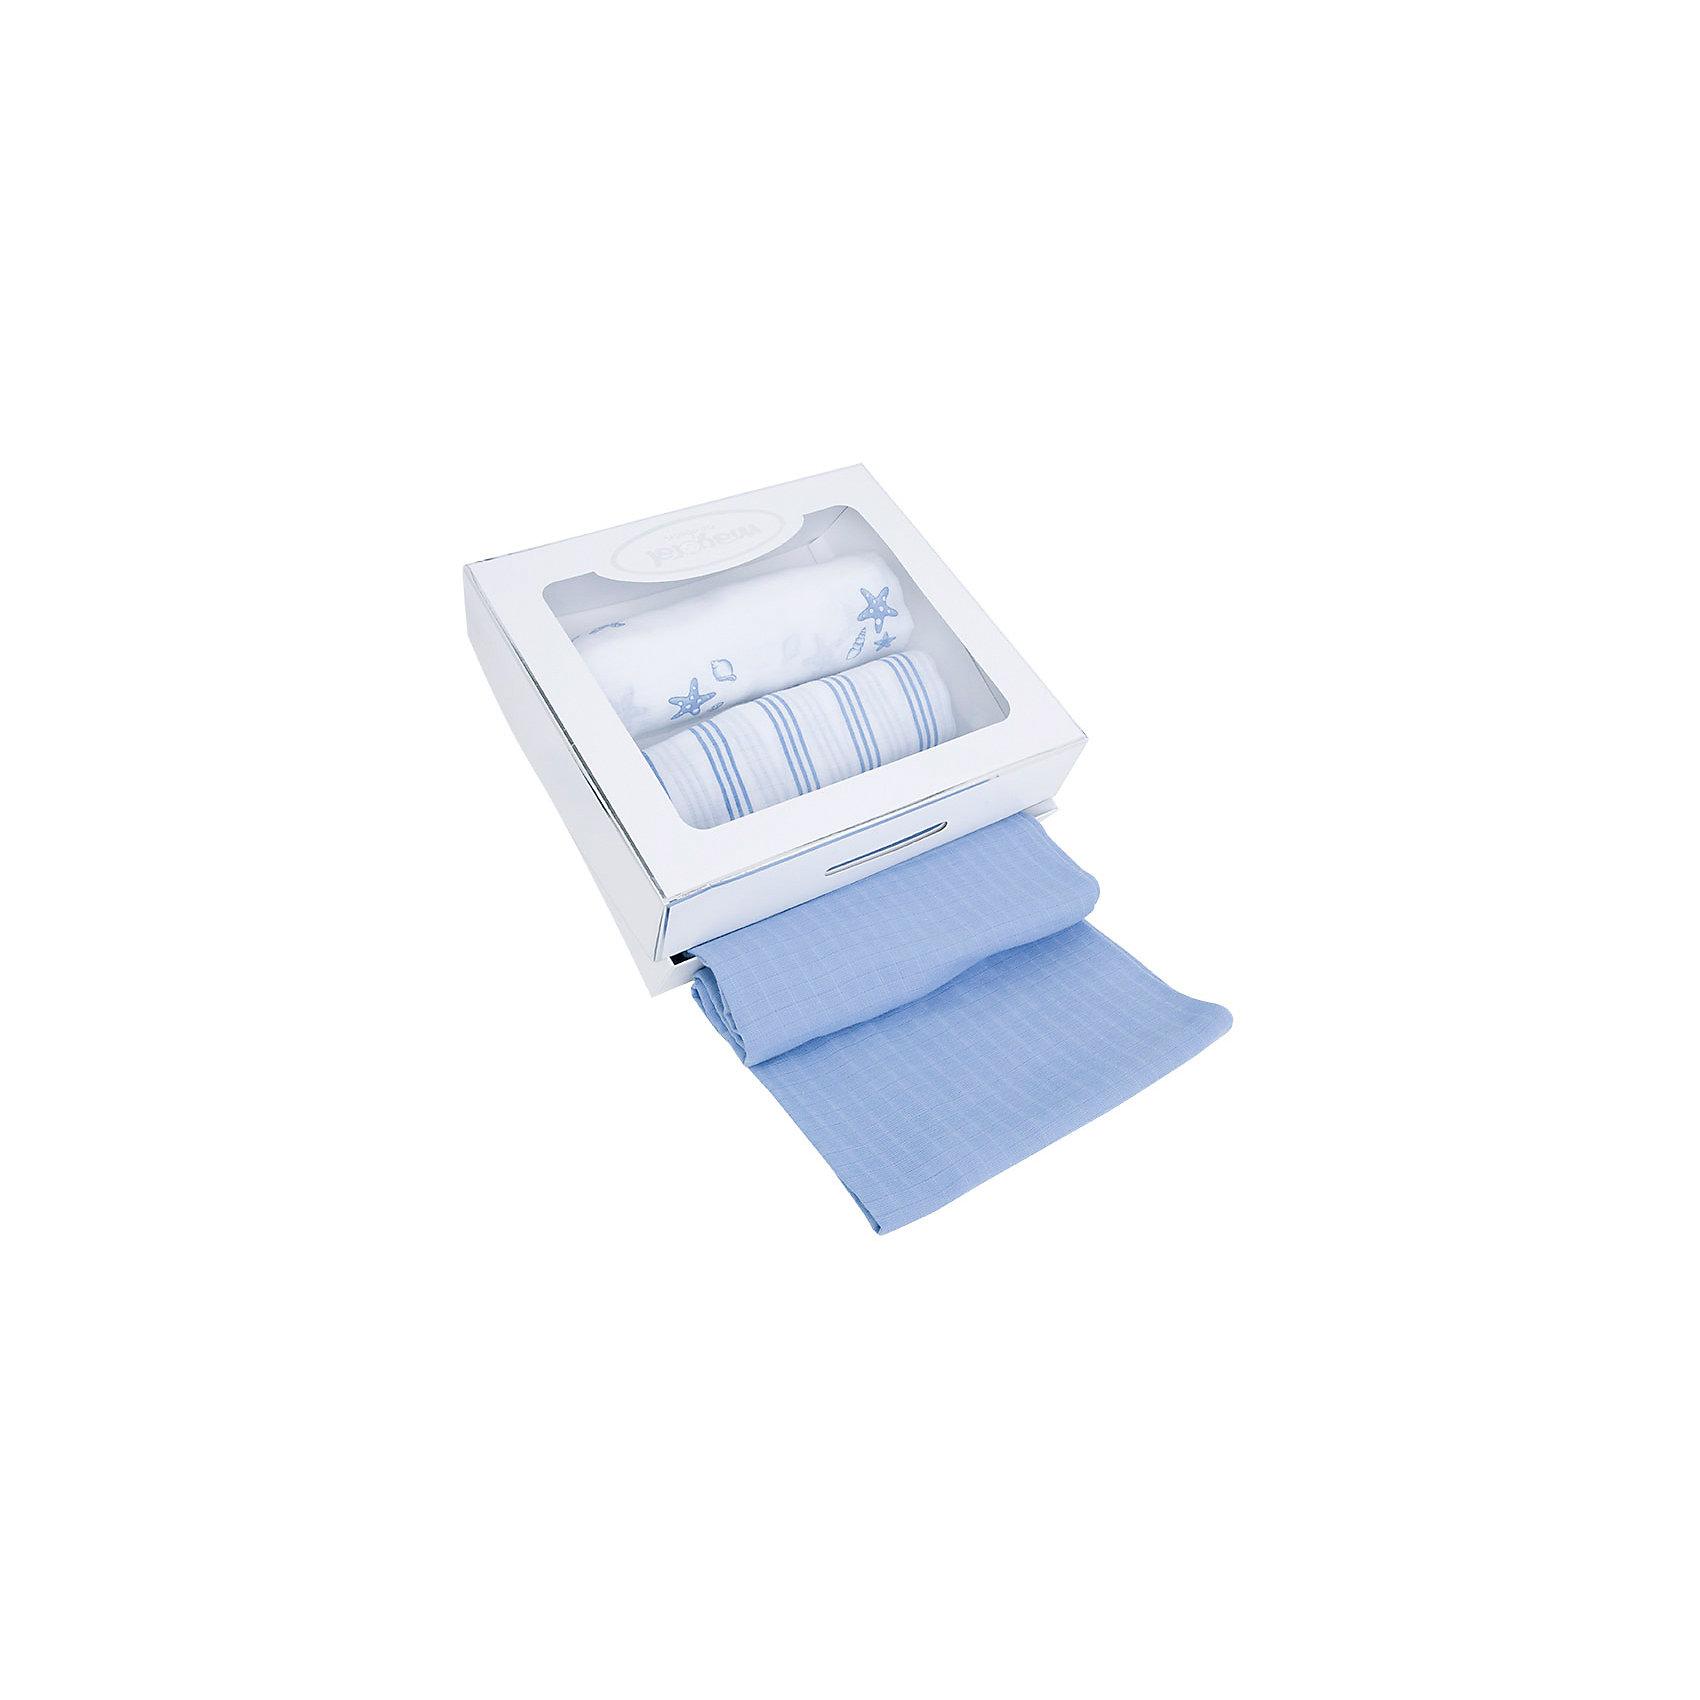 Набор салфеток для мальчика, 3 шт. MayoralНабор из 3-х салфеток для мальчика от известной испанской марки Mayoral. <br><br>Дополнительная информация:<br><br>- Мягкая, приятная к телу ткань. <br>- Красивая подарочная упаковка. <br>- 3 расцветки и дизайна в наборе.<br>- В полоску, однотонная, с принтом. <br>- Состав:  100% хлопок.<br><br>Набор салфеток для мальчика, 3 шт. Mayoral (Майорал) можно купить в нашем магазине.<br><br>Ширина мм: 170<br>Глубина мм: 157<br>Высота мм: 67<br>Вес г: 117<br>Цвет: синий<br>Возраст от месяцев: 60<br>Возраст до месяцев: 120<br>Пол: Мужской<br>Возраст: Детский<br>Размер: one size<br>SKU: 4539307